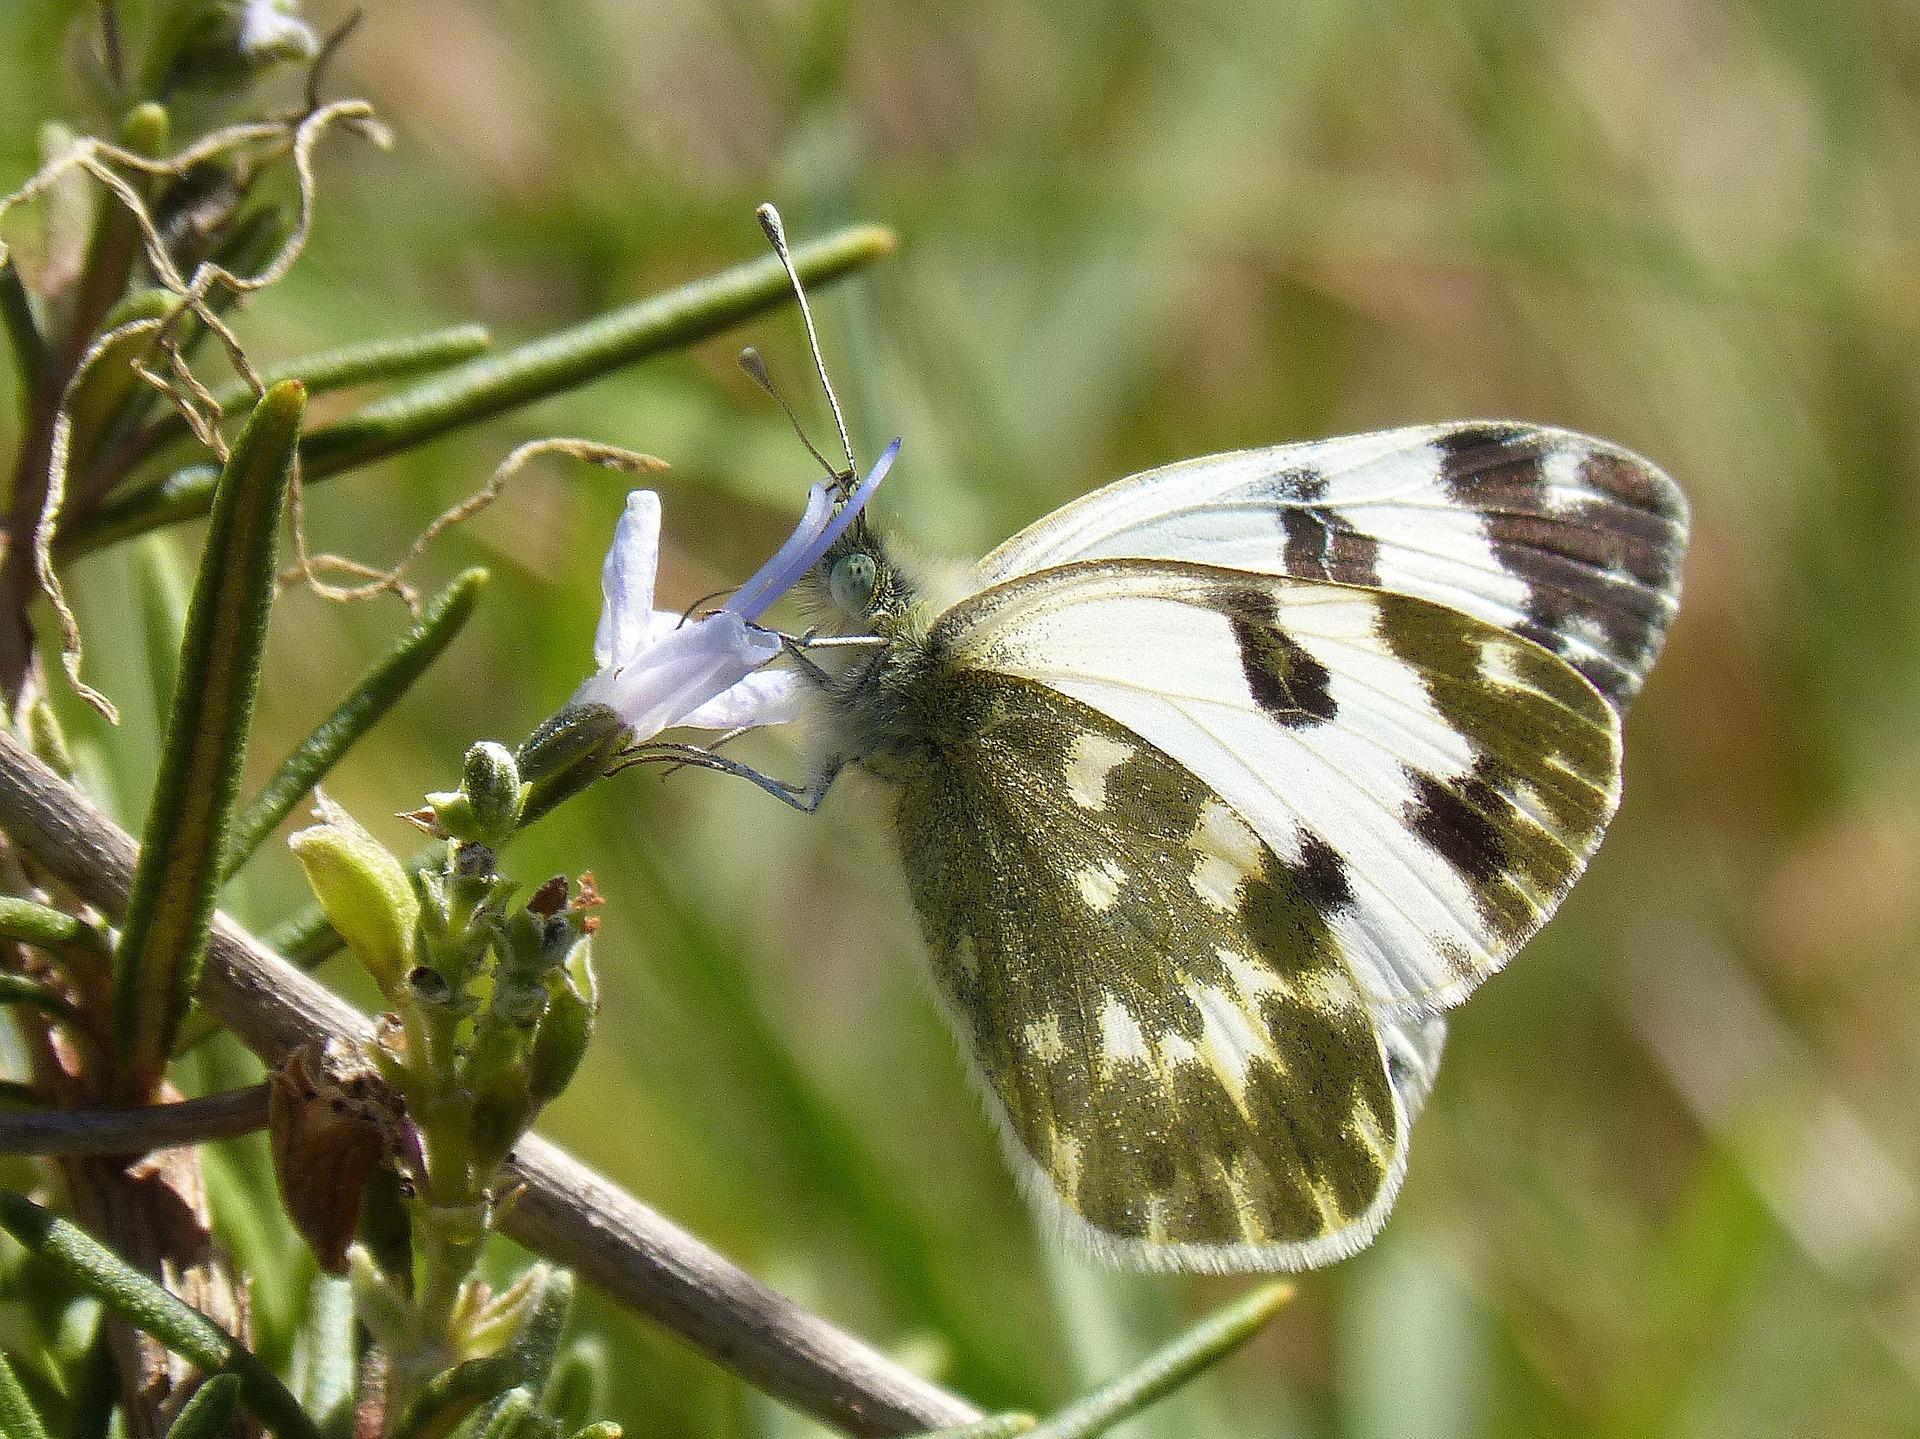 butterfly-976347_1920.jpg